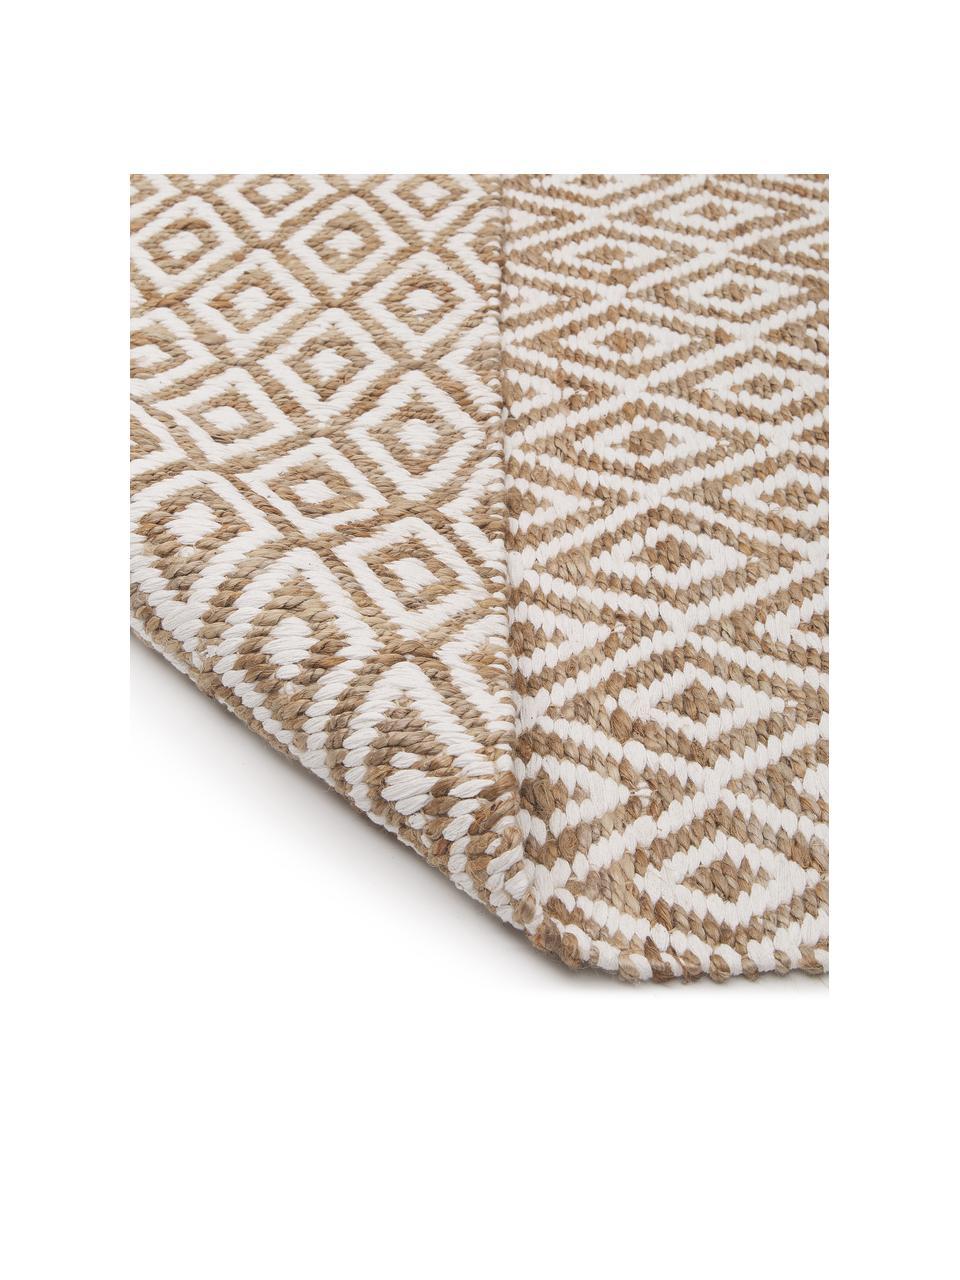 Handgefertigte Jute-Fußmatte Ramos, 100% Jute, Beige, Weiß, 50 x 80 cm